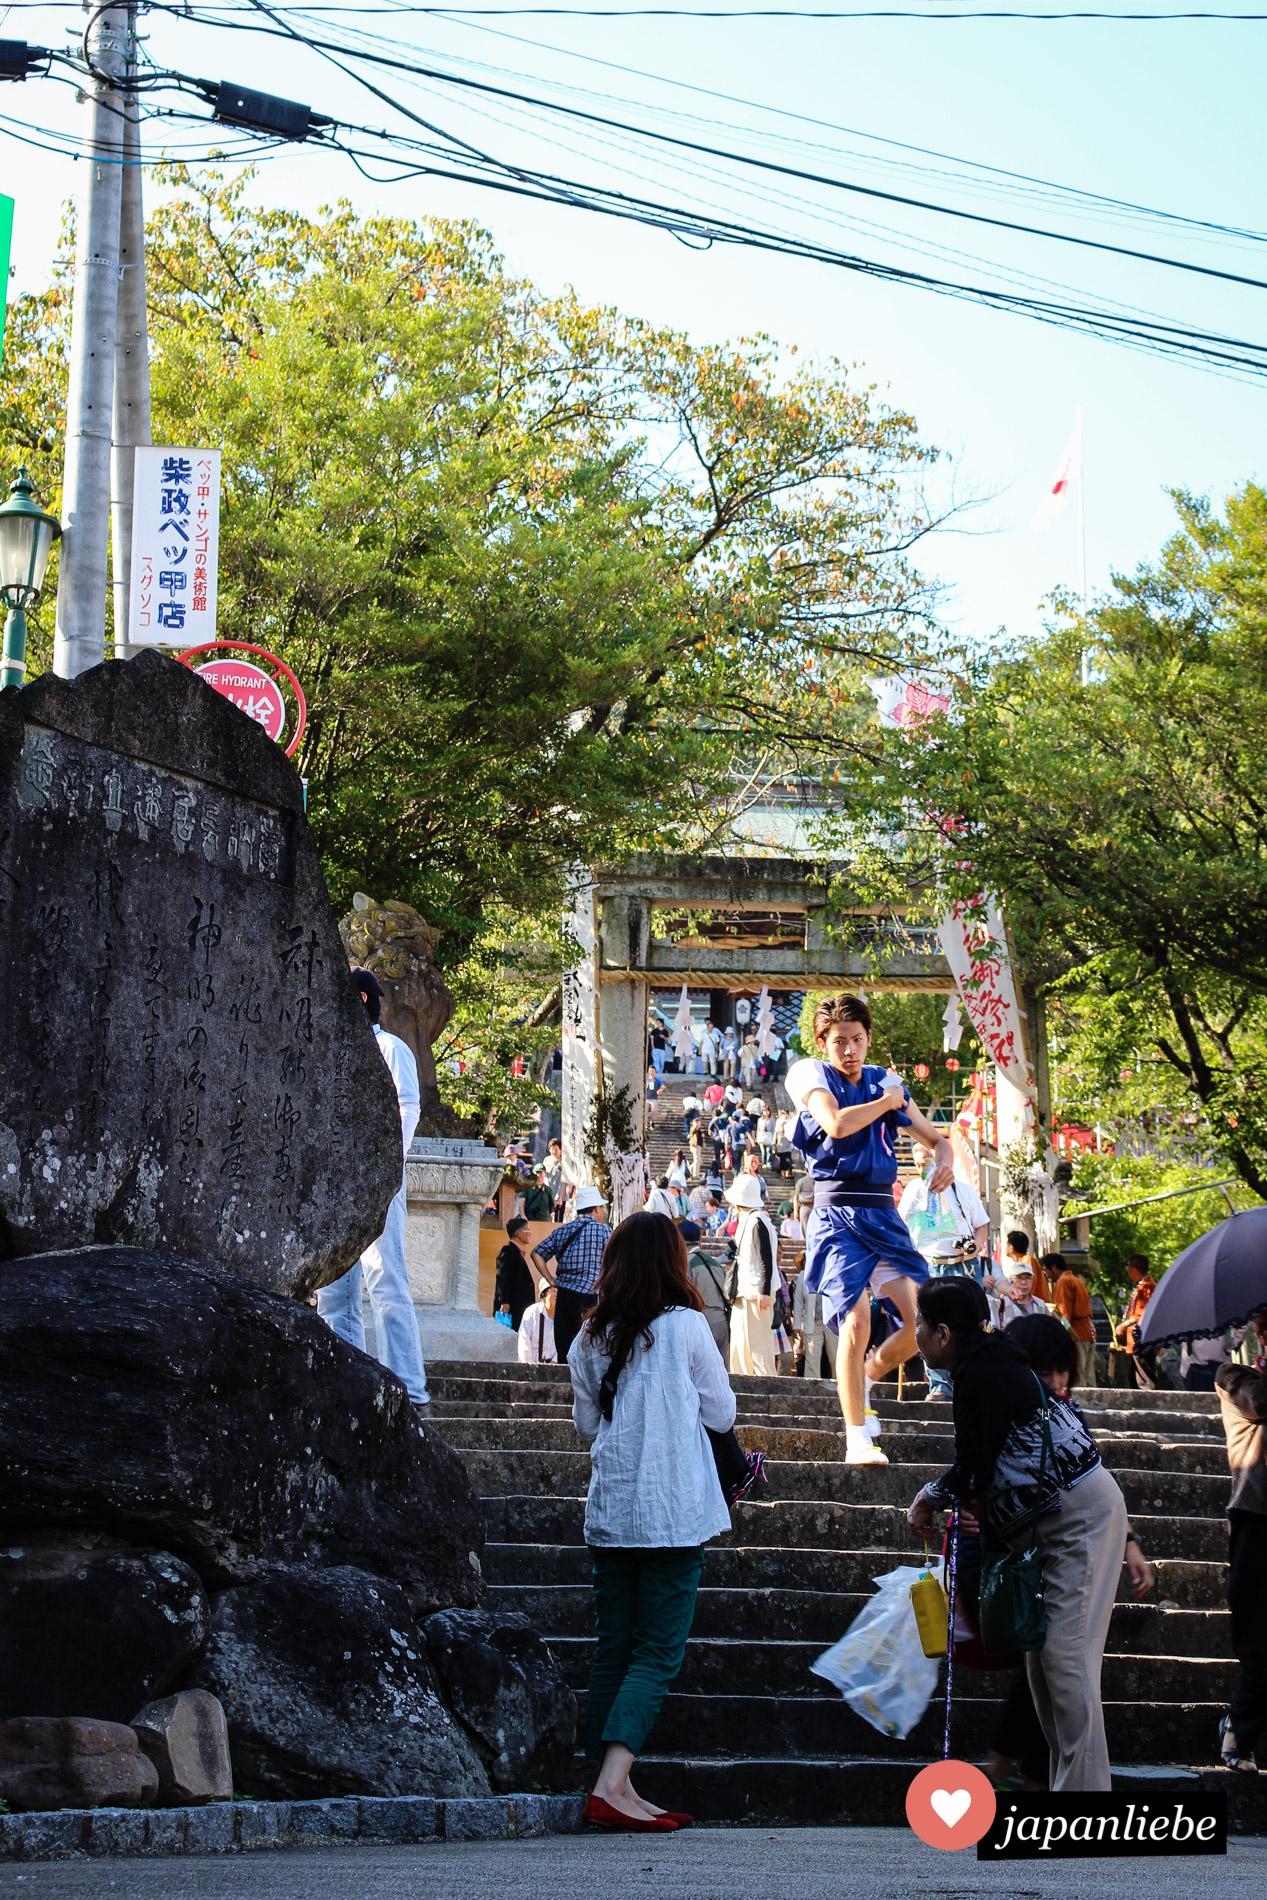 Die Treppen zum Suwa Schrein in Nagasaki an einem Tag mit matsuri.